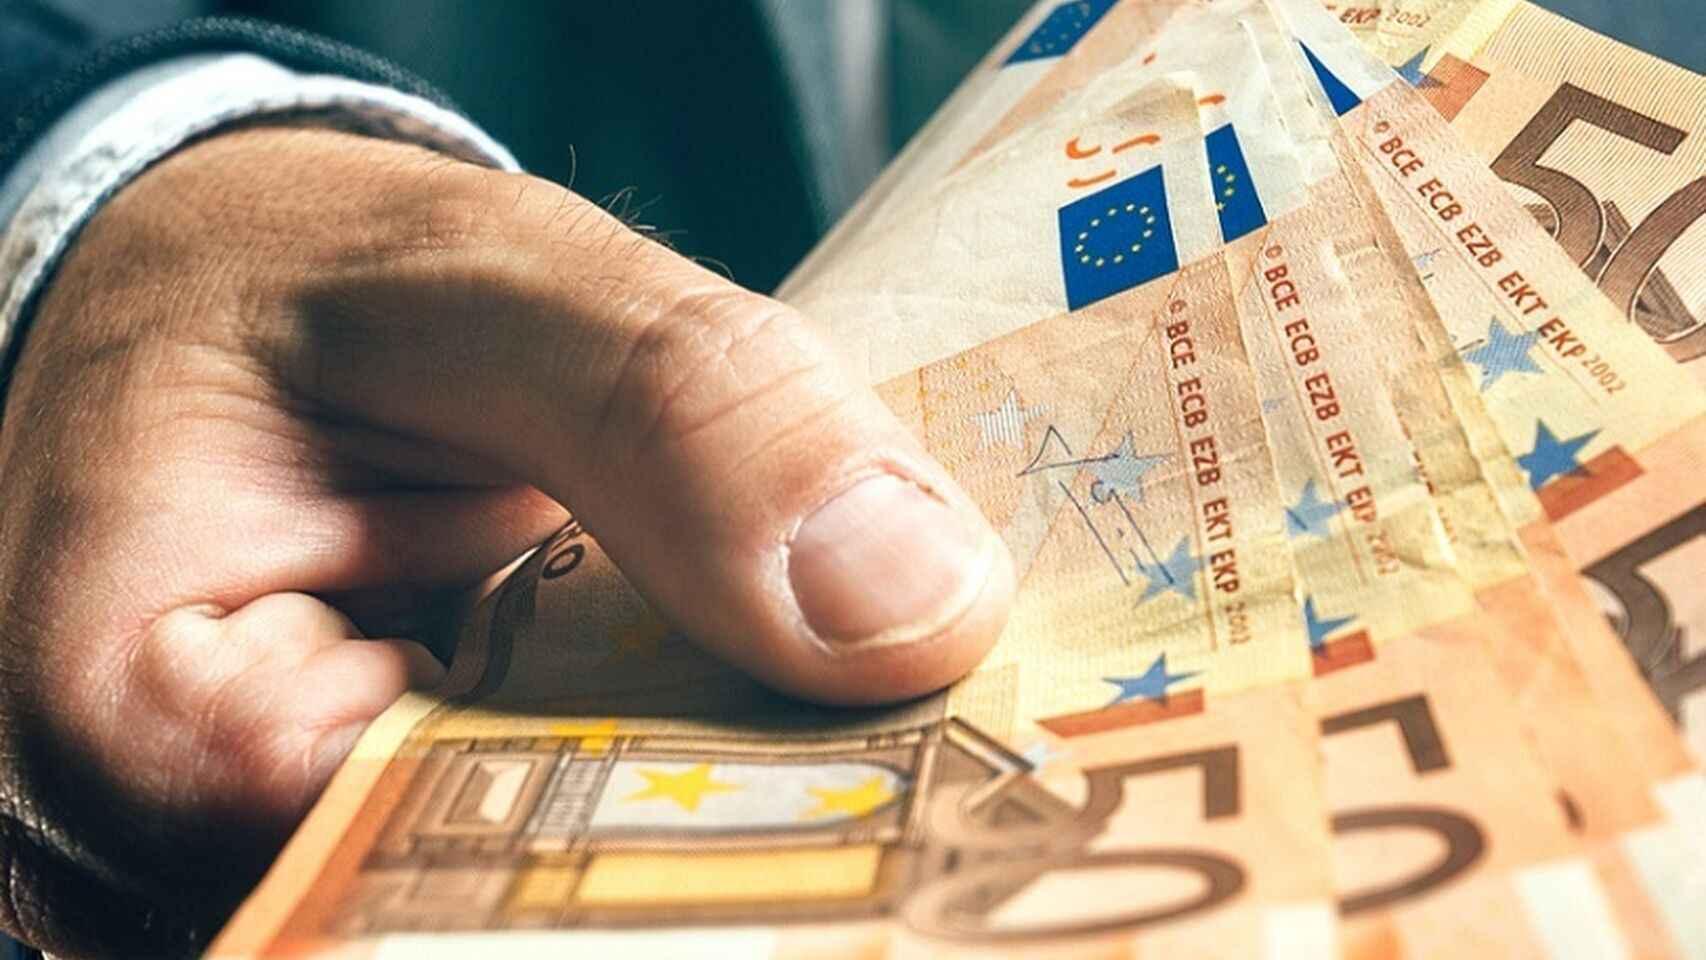 Una mano sostiene billetes de euros.